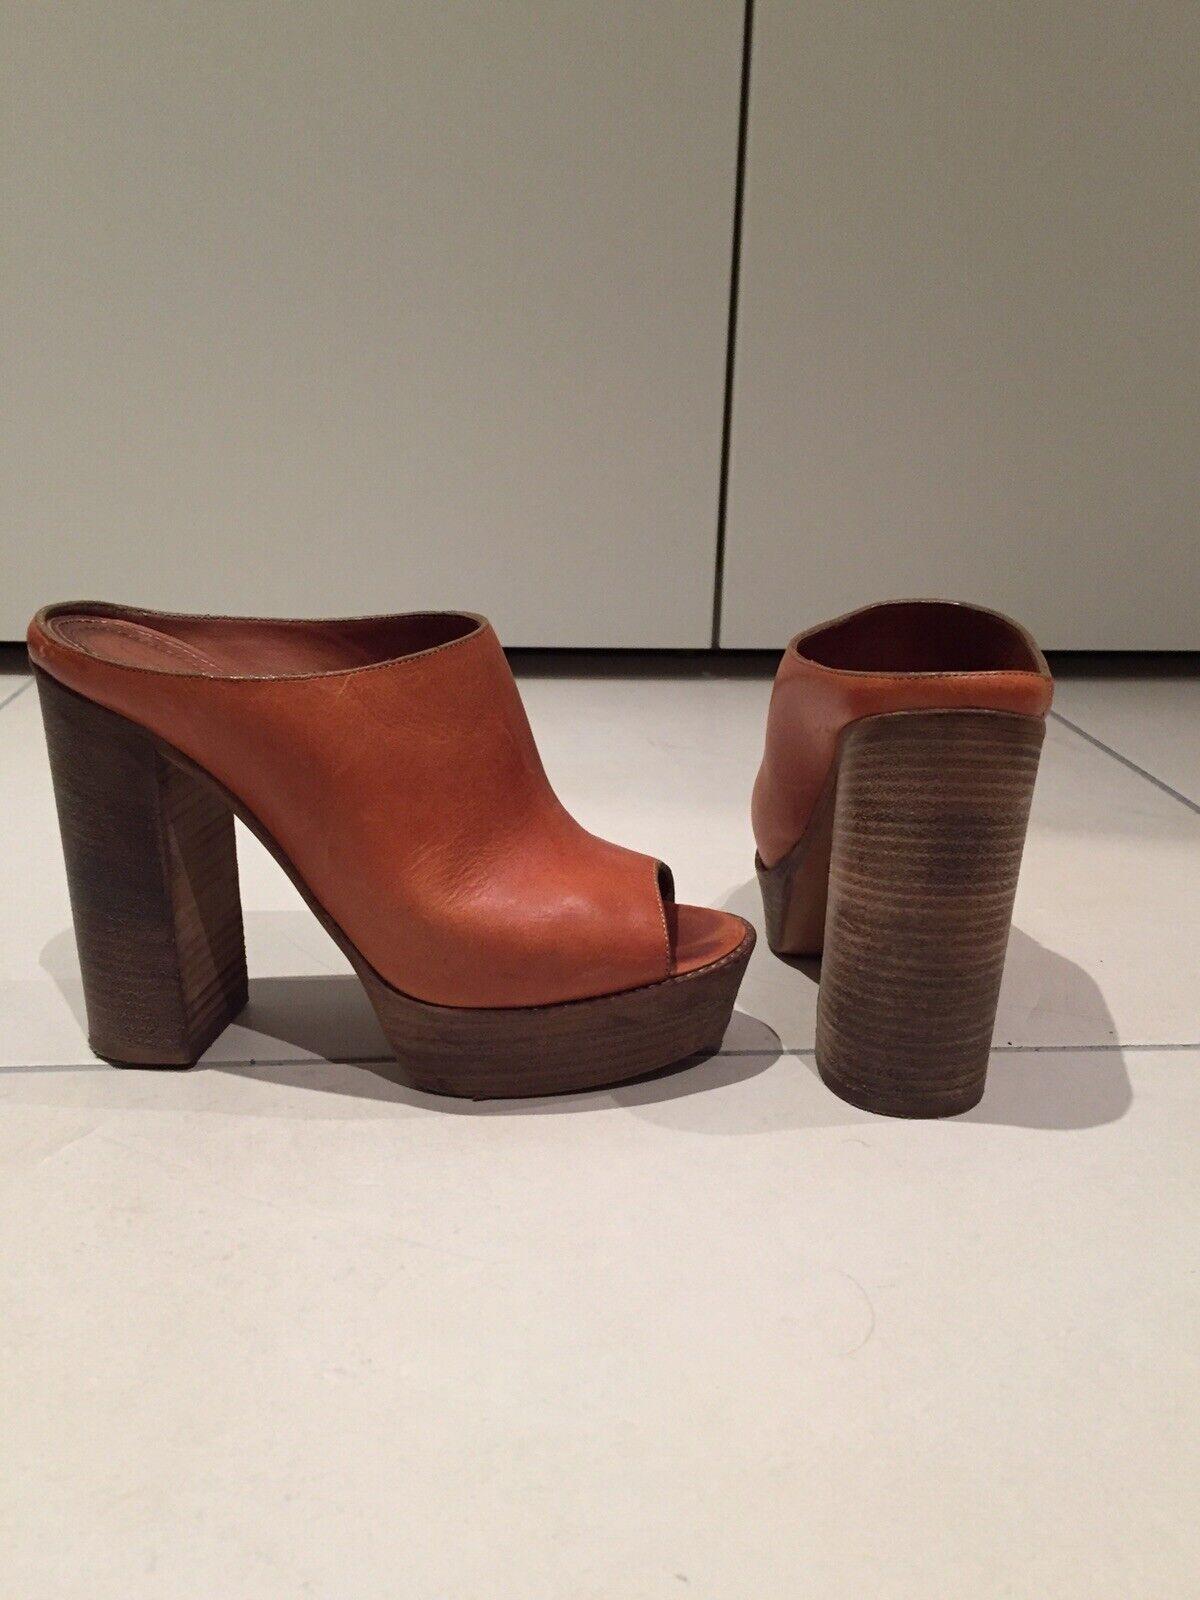 CHLOE Original Pumps Große 37,5 Damen Schuhe Leder